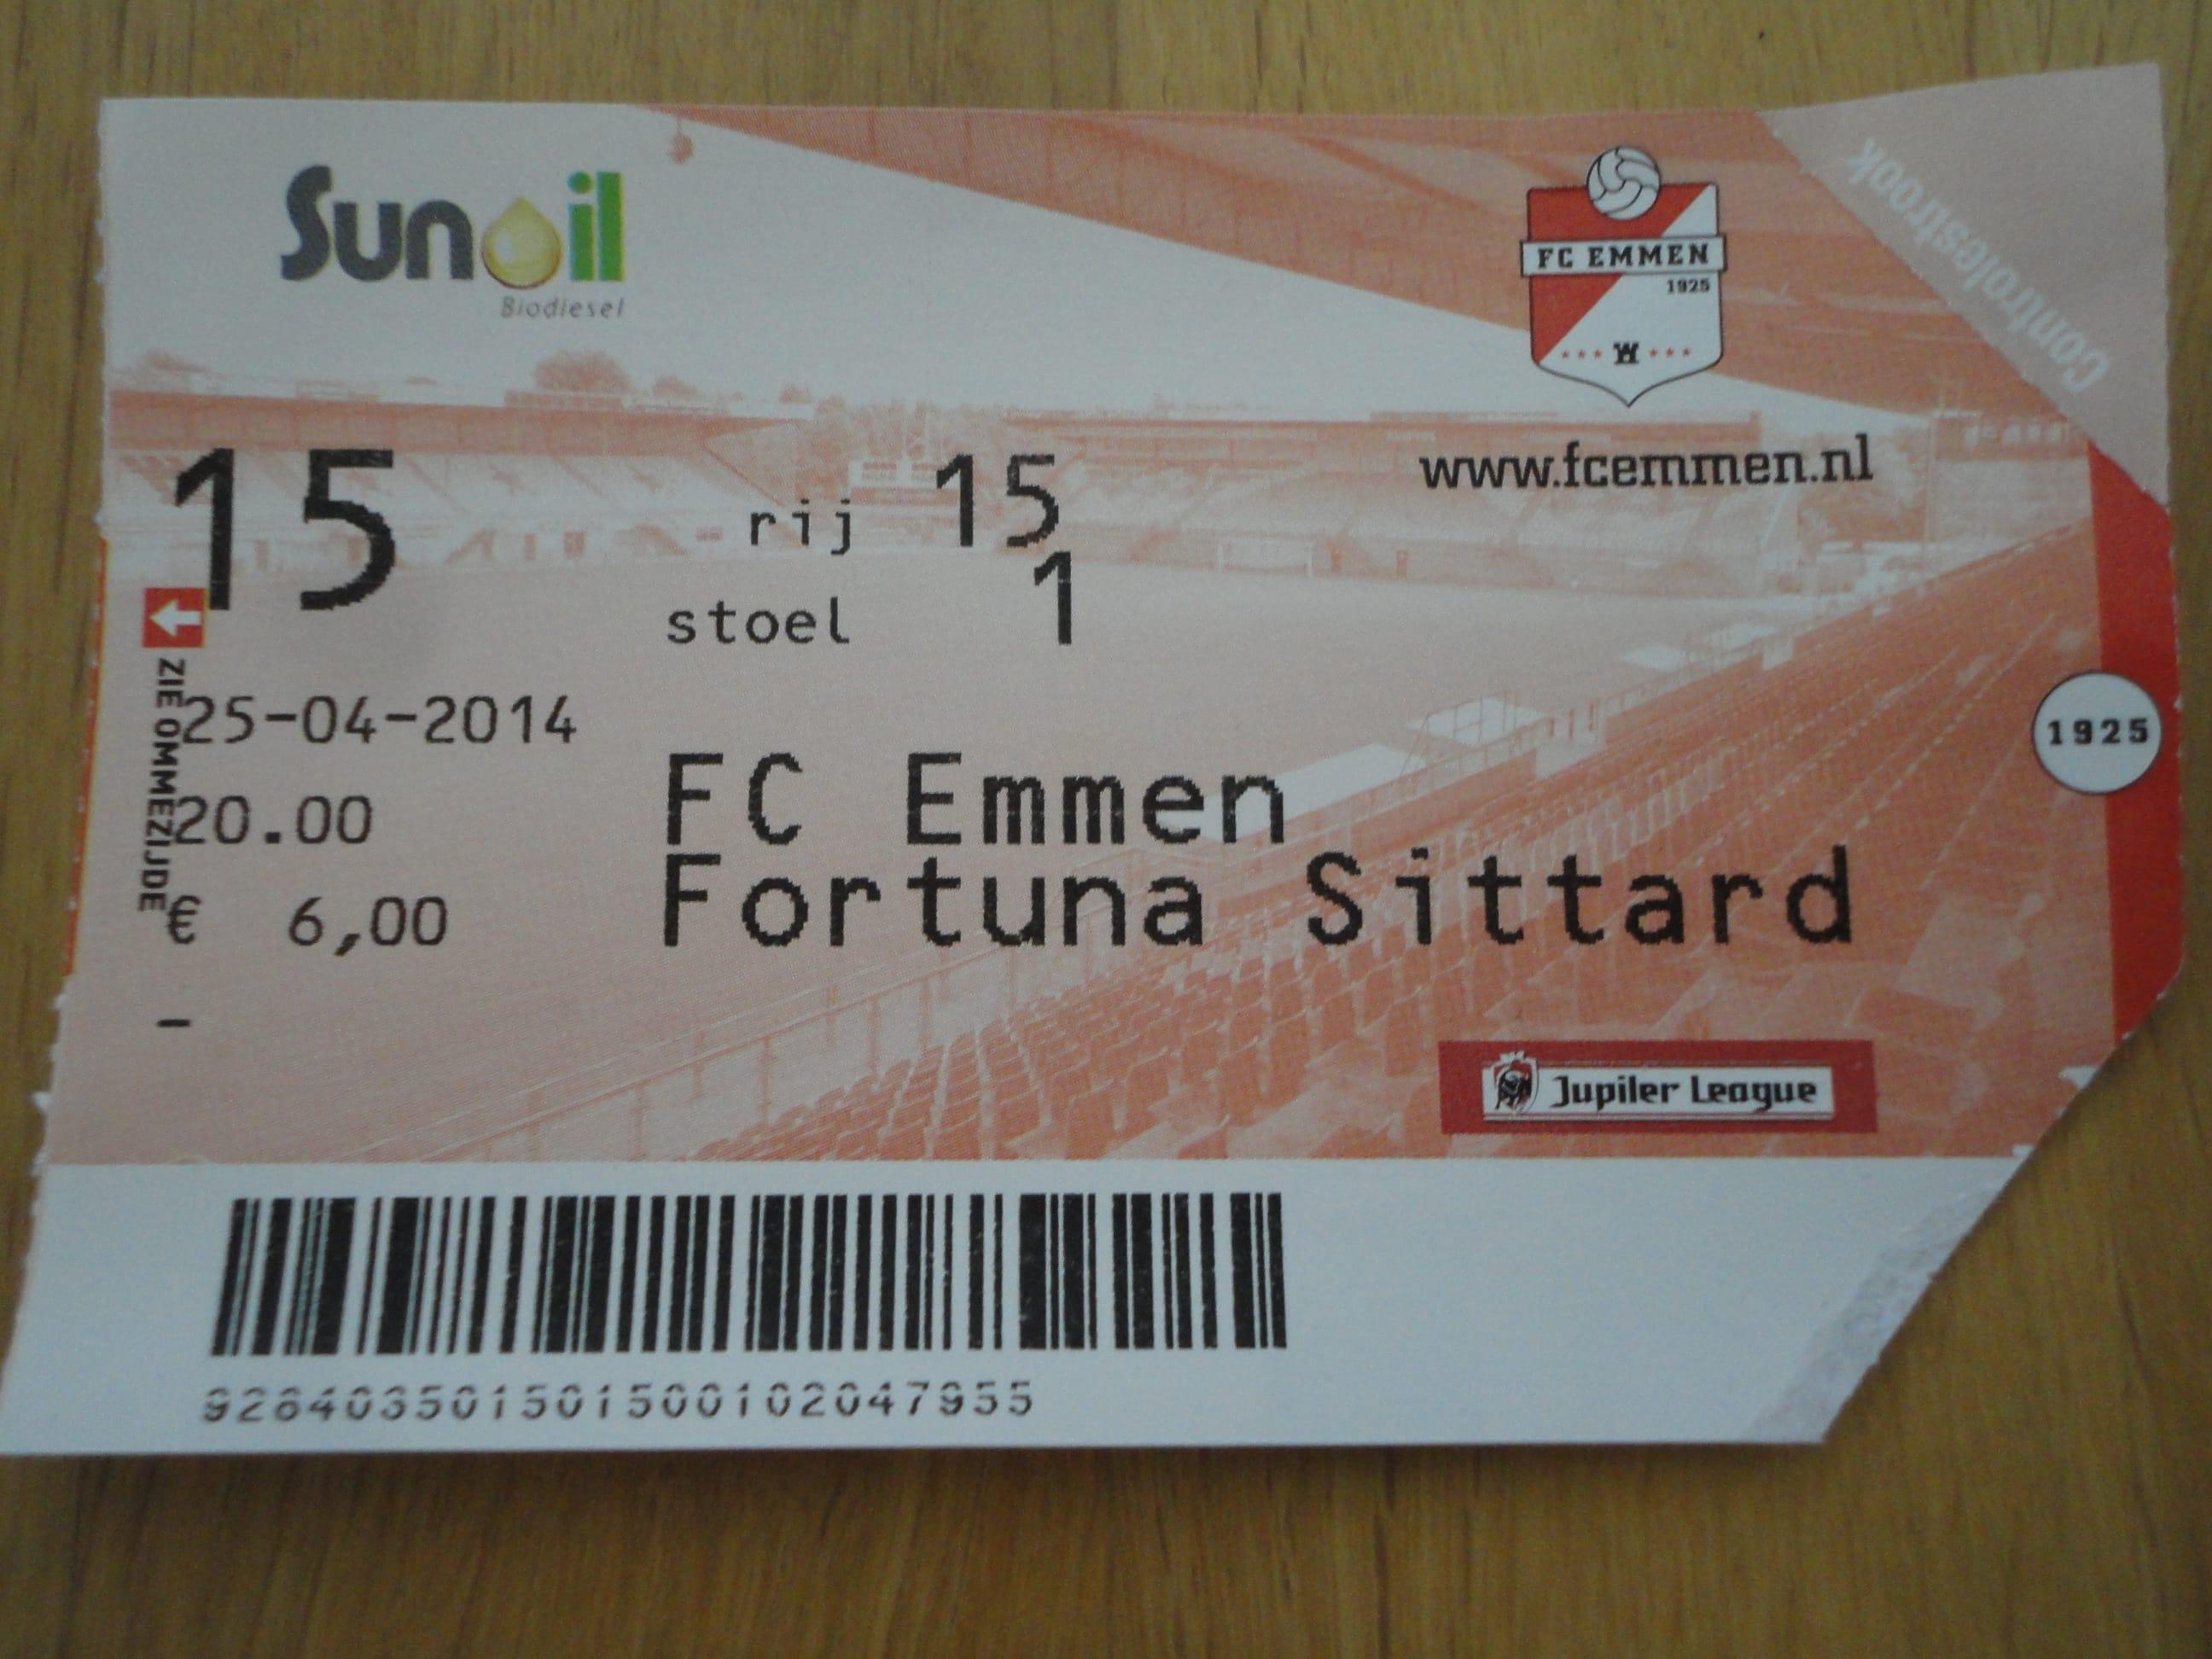 FC Emmen 1 Fortuna Sittard 1